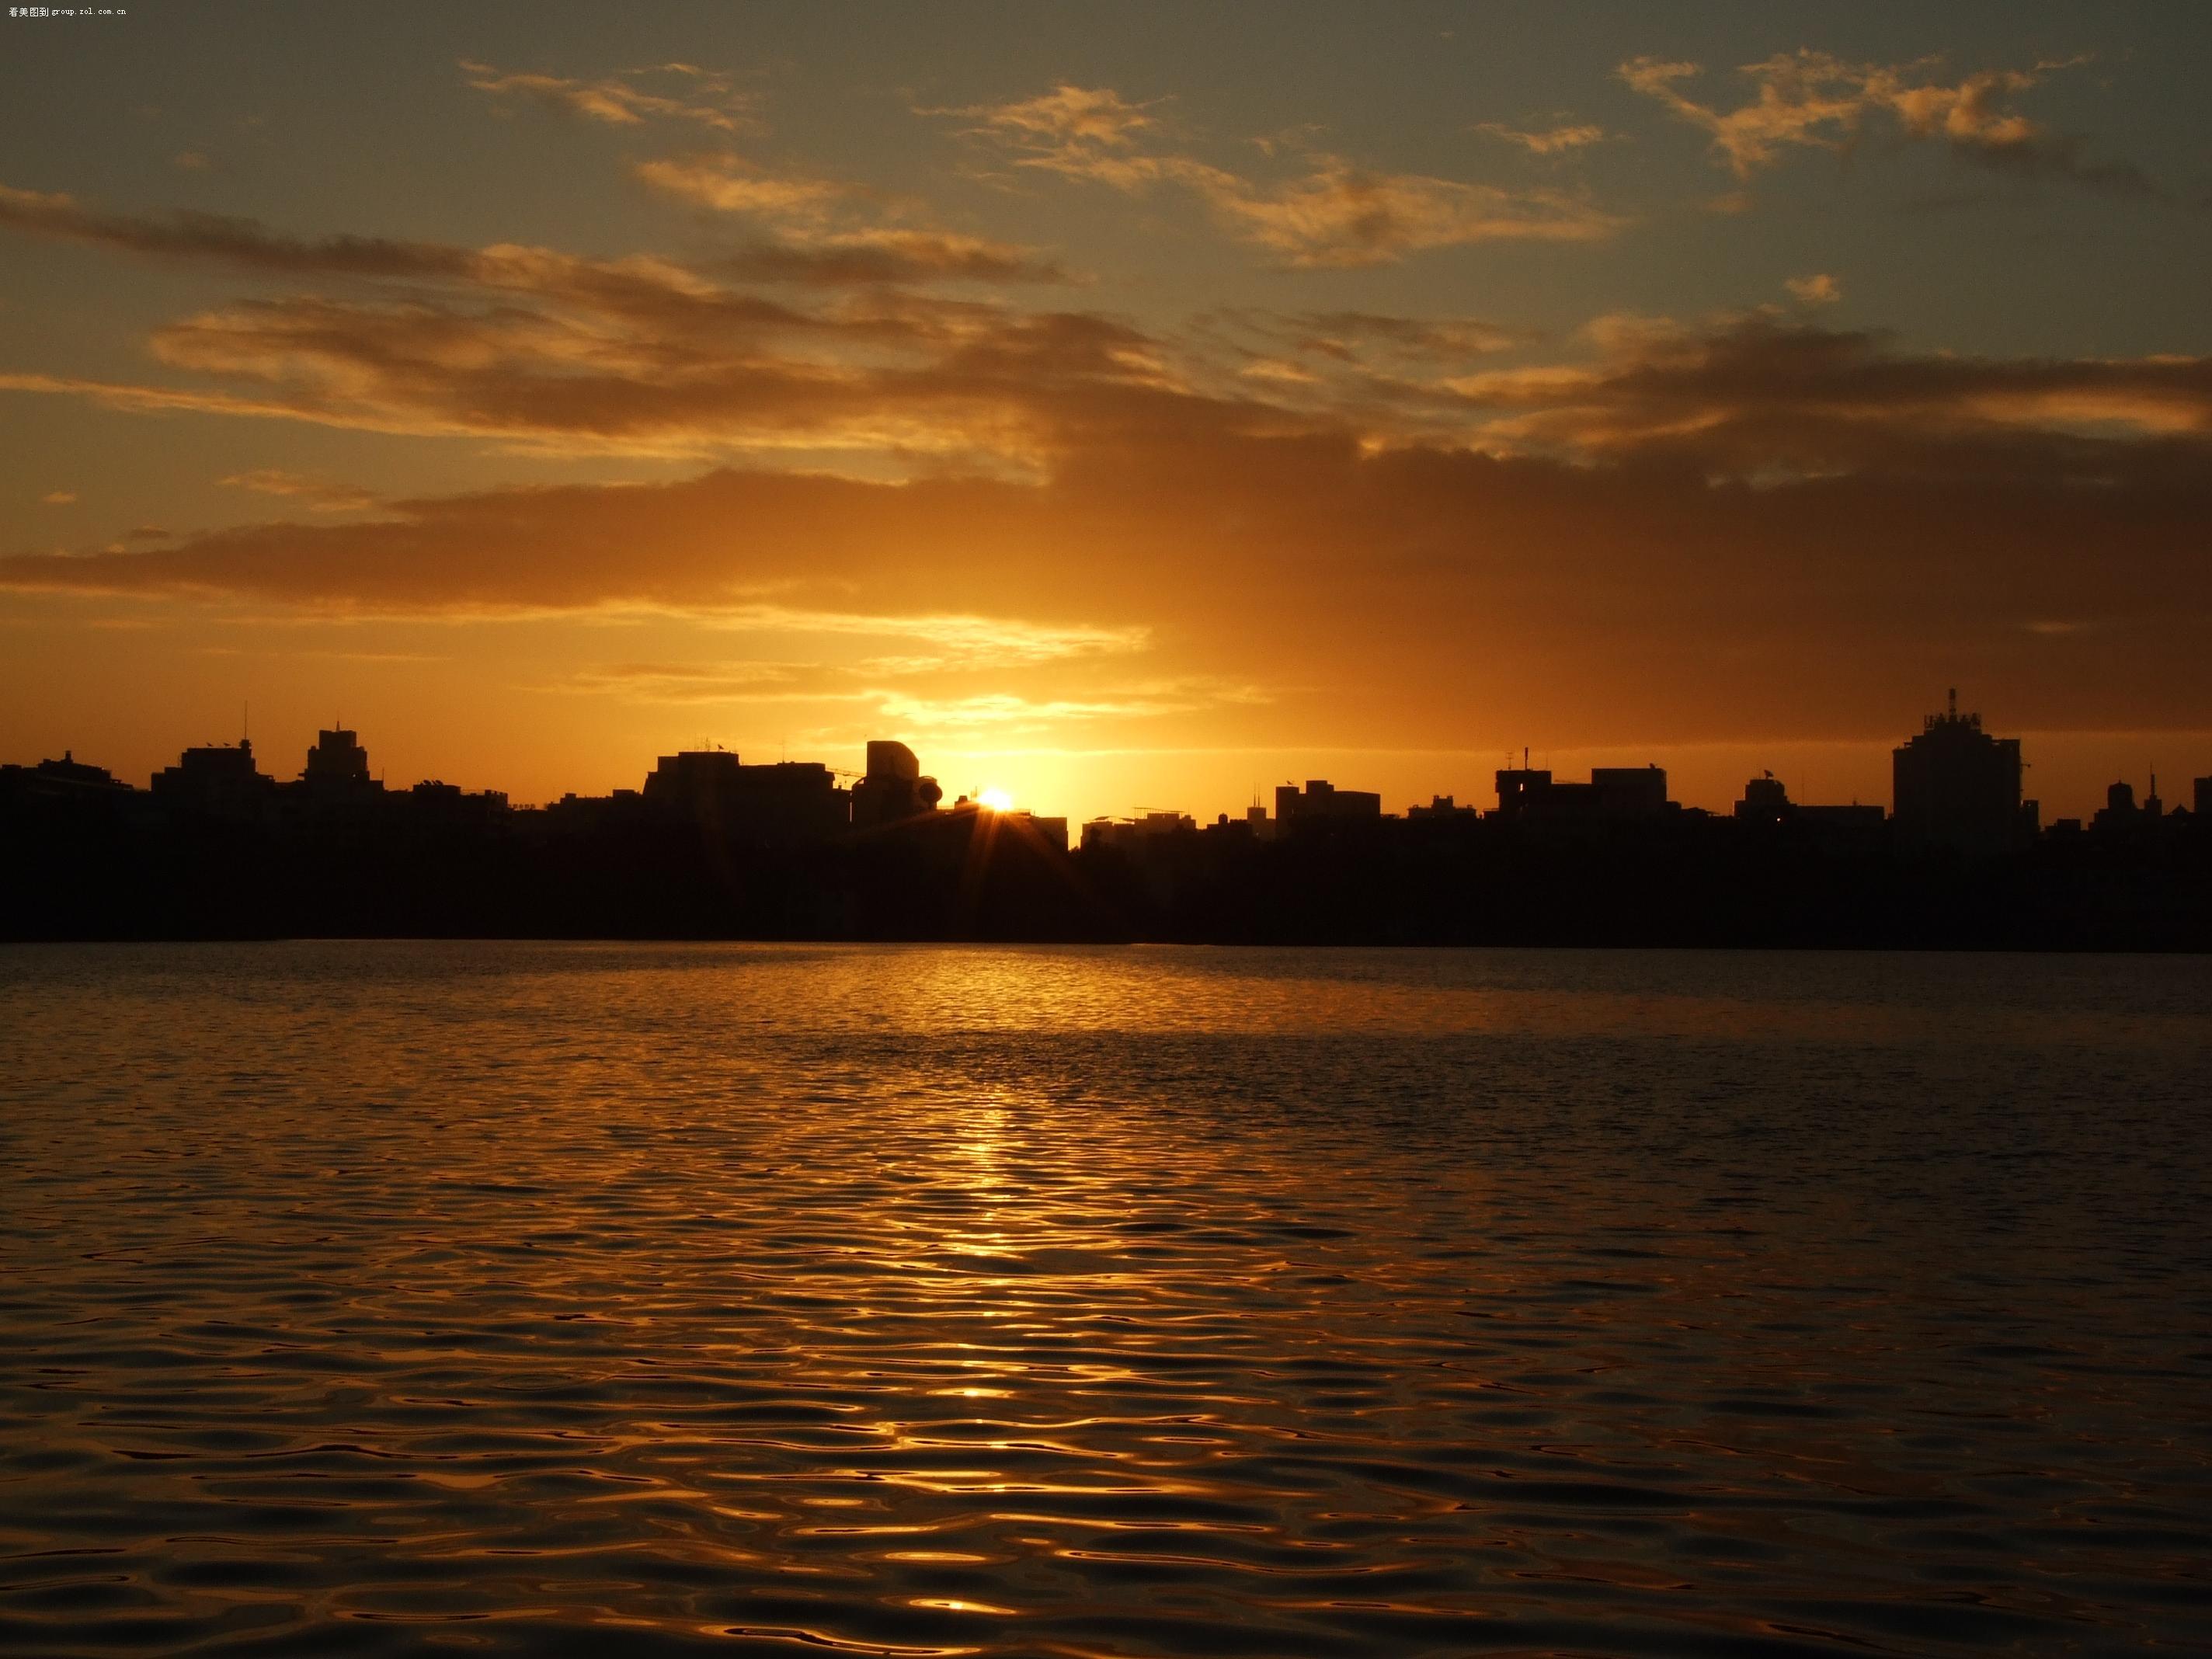 【太阳刚刚升起来的时候】-自然风景论坛-zol中关村